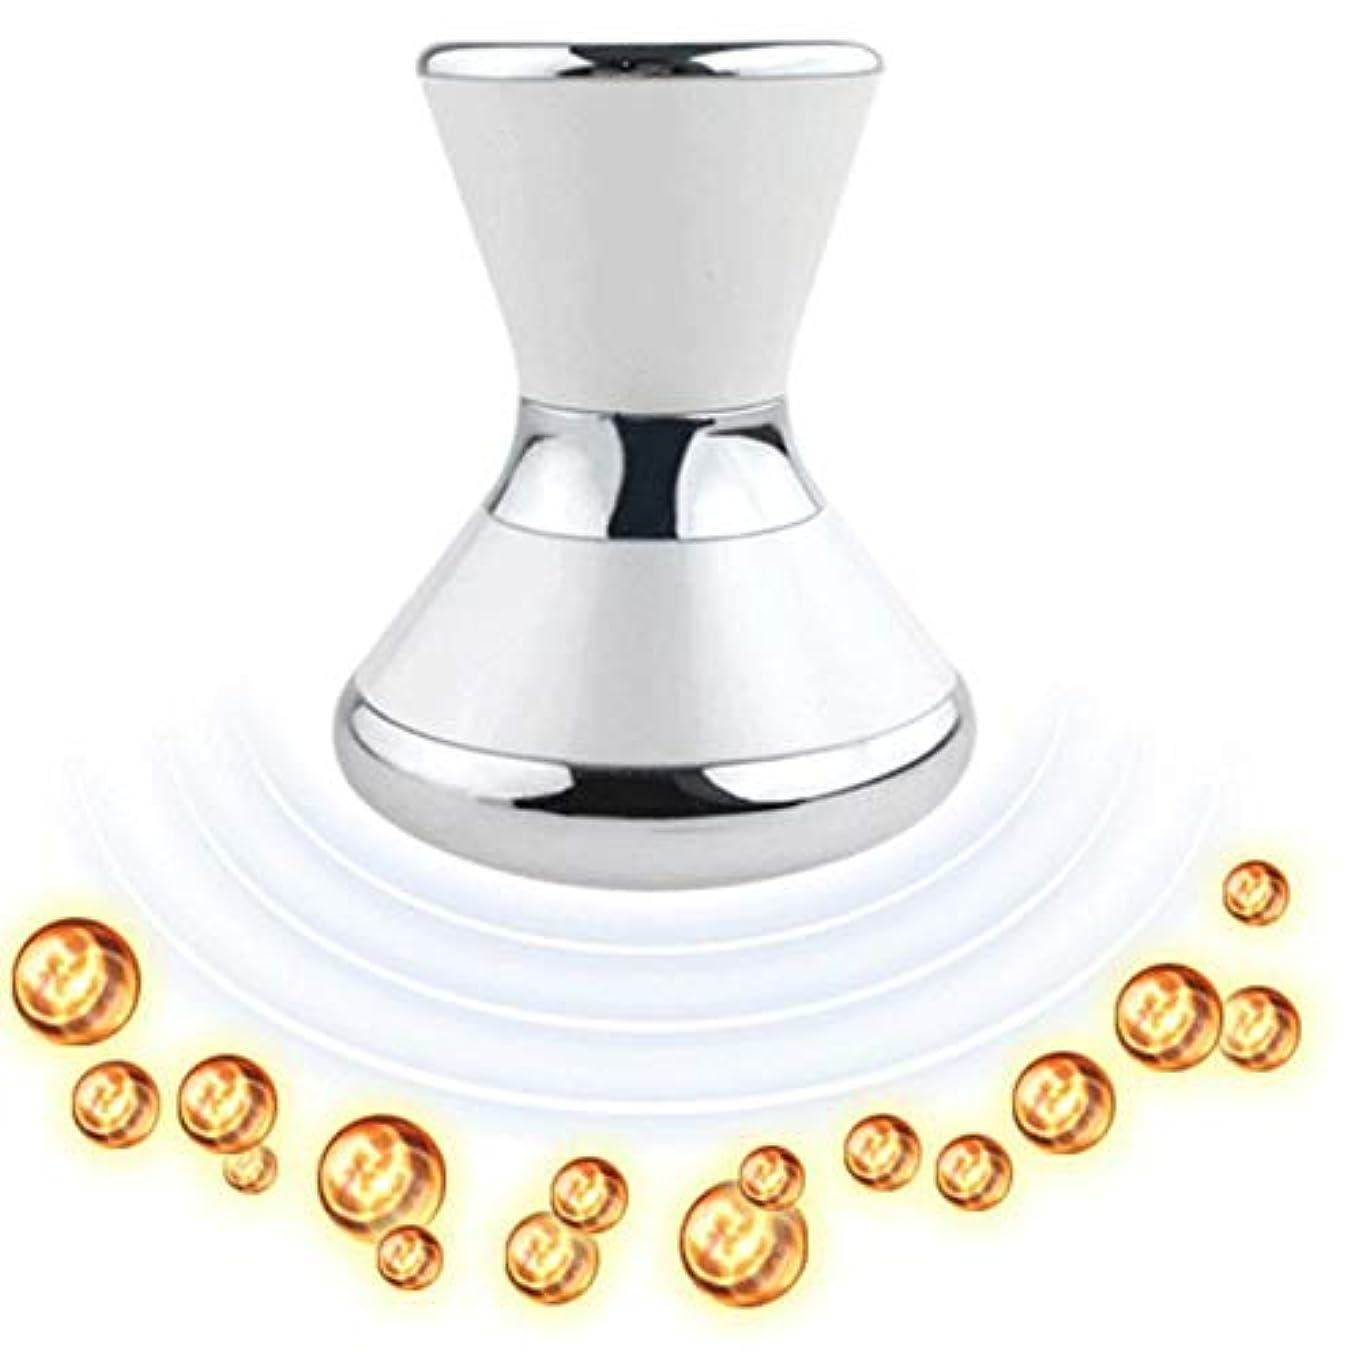 部分的花束リーダーシップ磁気振動美容マッサージ器具、吸収磁気療法フェイシャルマッサージャー美容スキンケアデバイス,銀